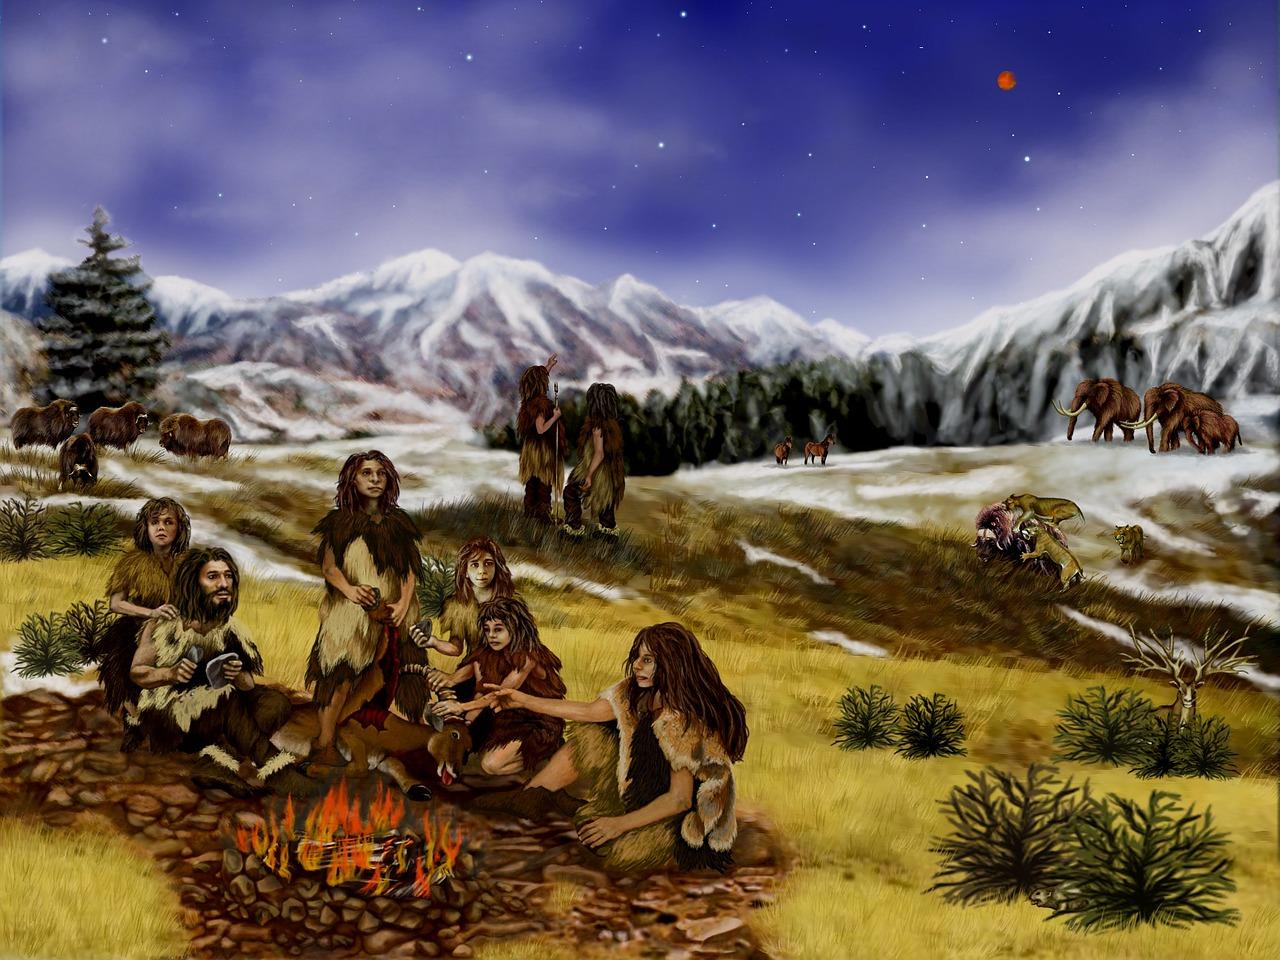 Con la famiglia nella giungla per vivere come primitivi... Scopri cos'è successo